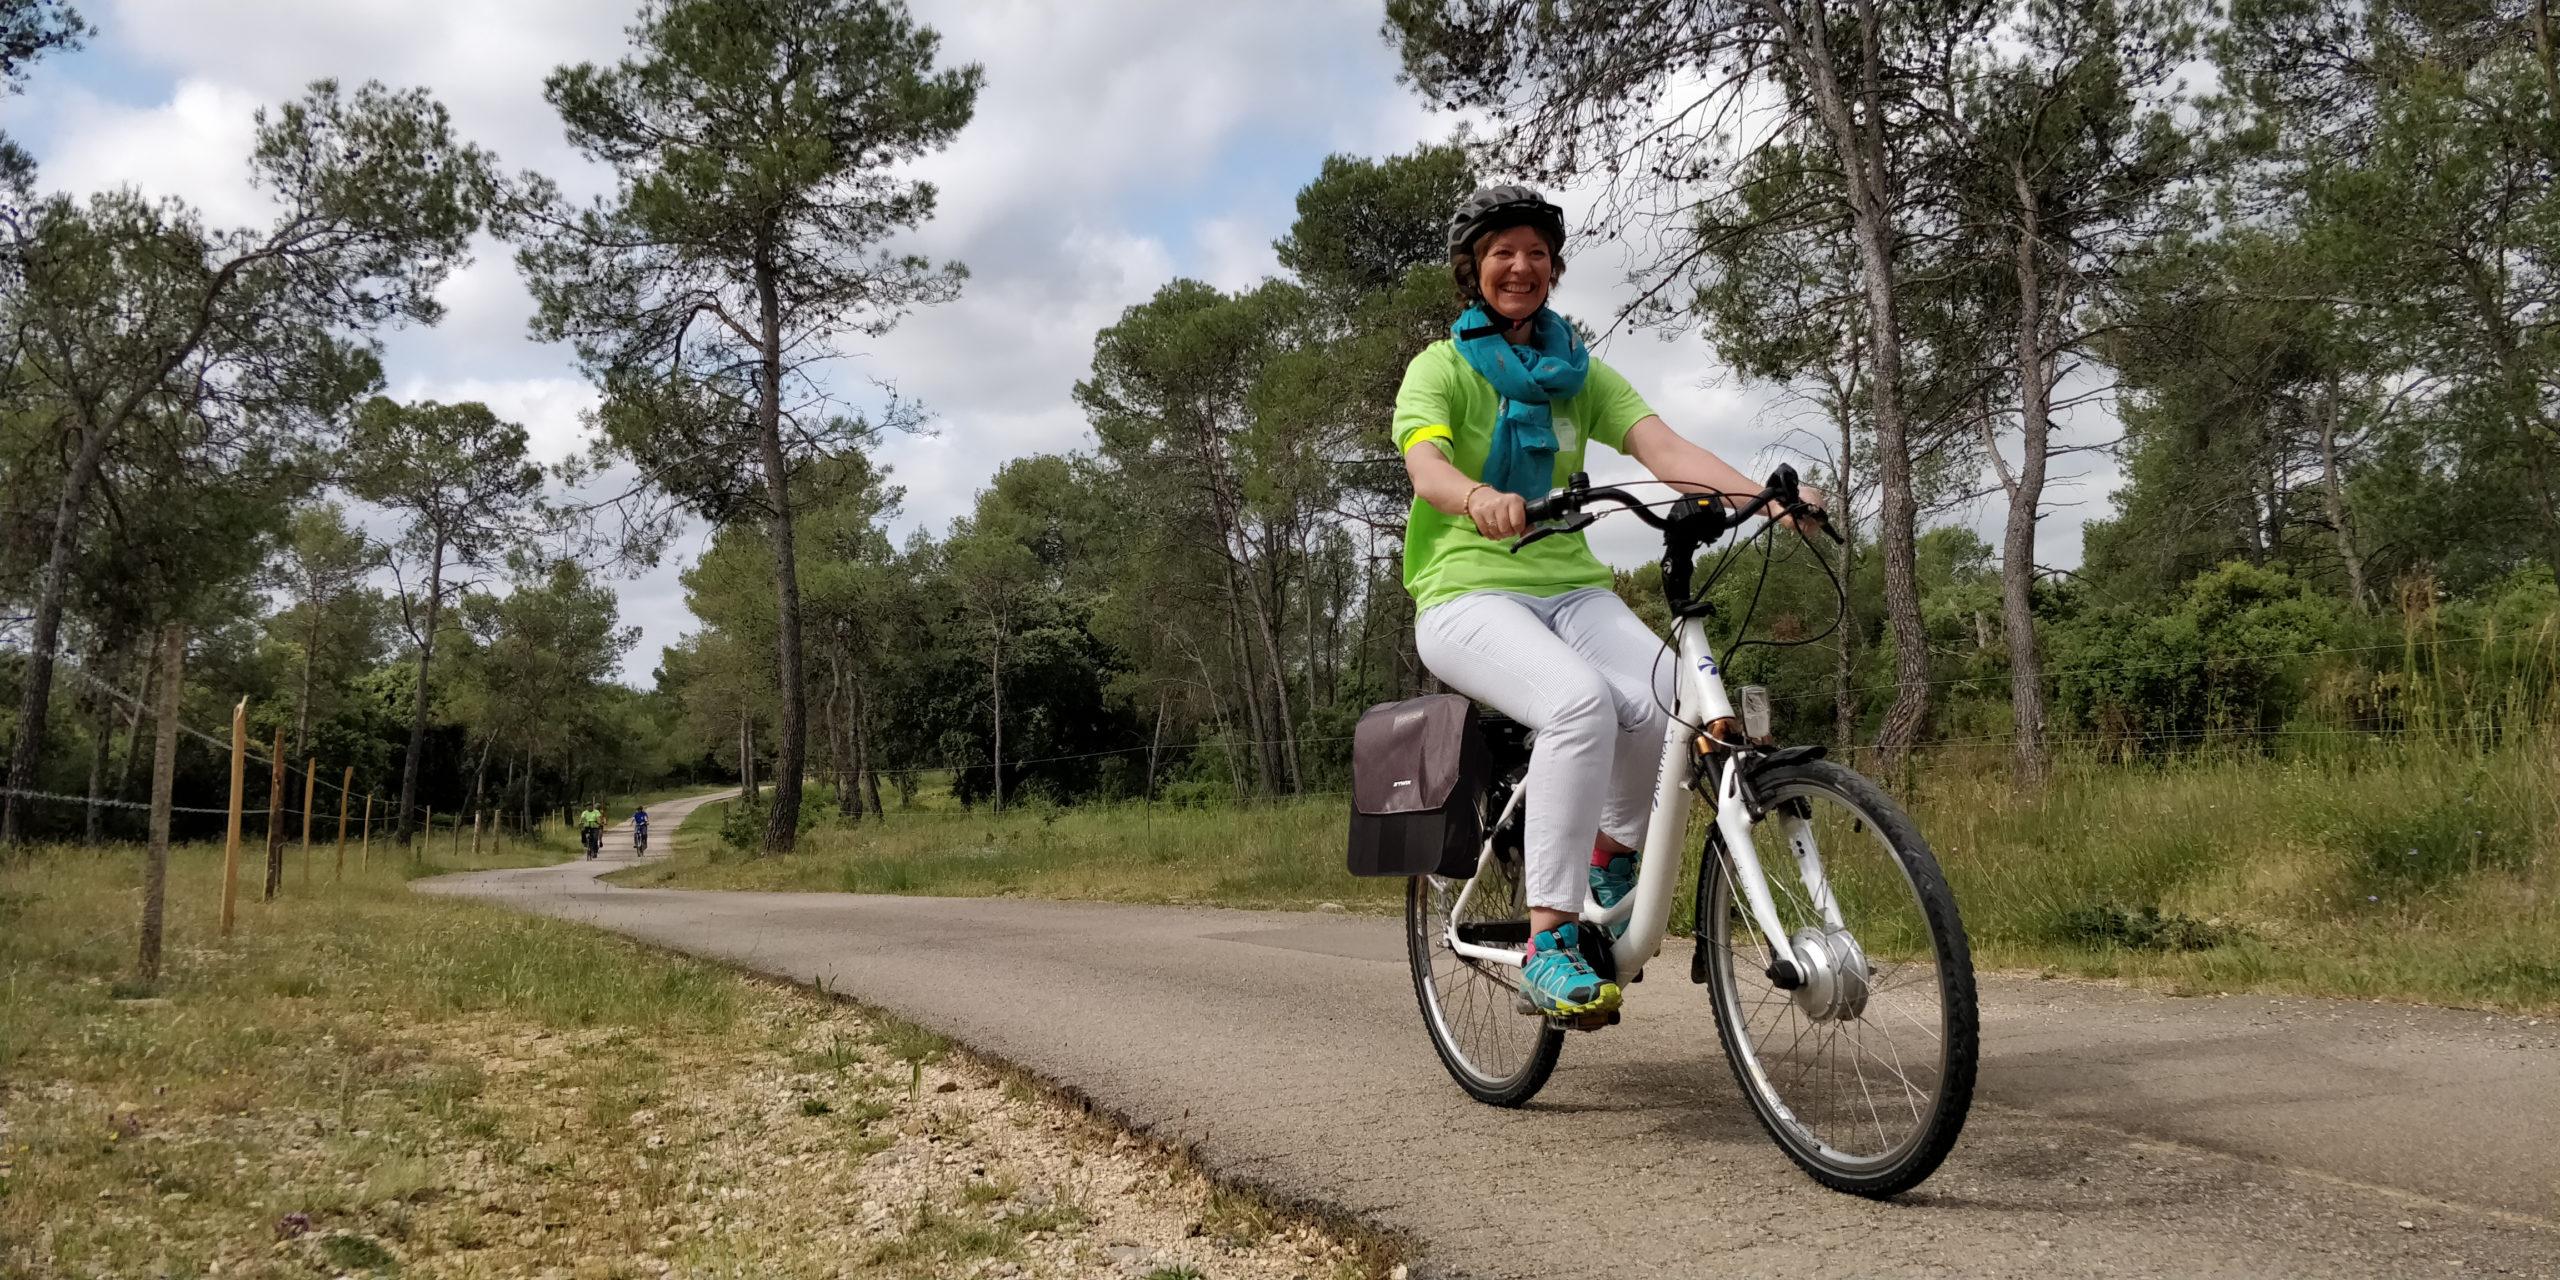 Des aides pour l'achat d'un vélo électrique. Photo : Christophe Colrat